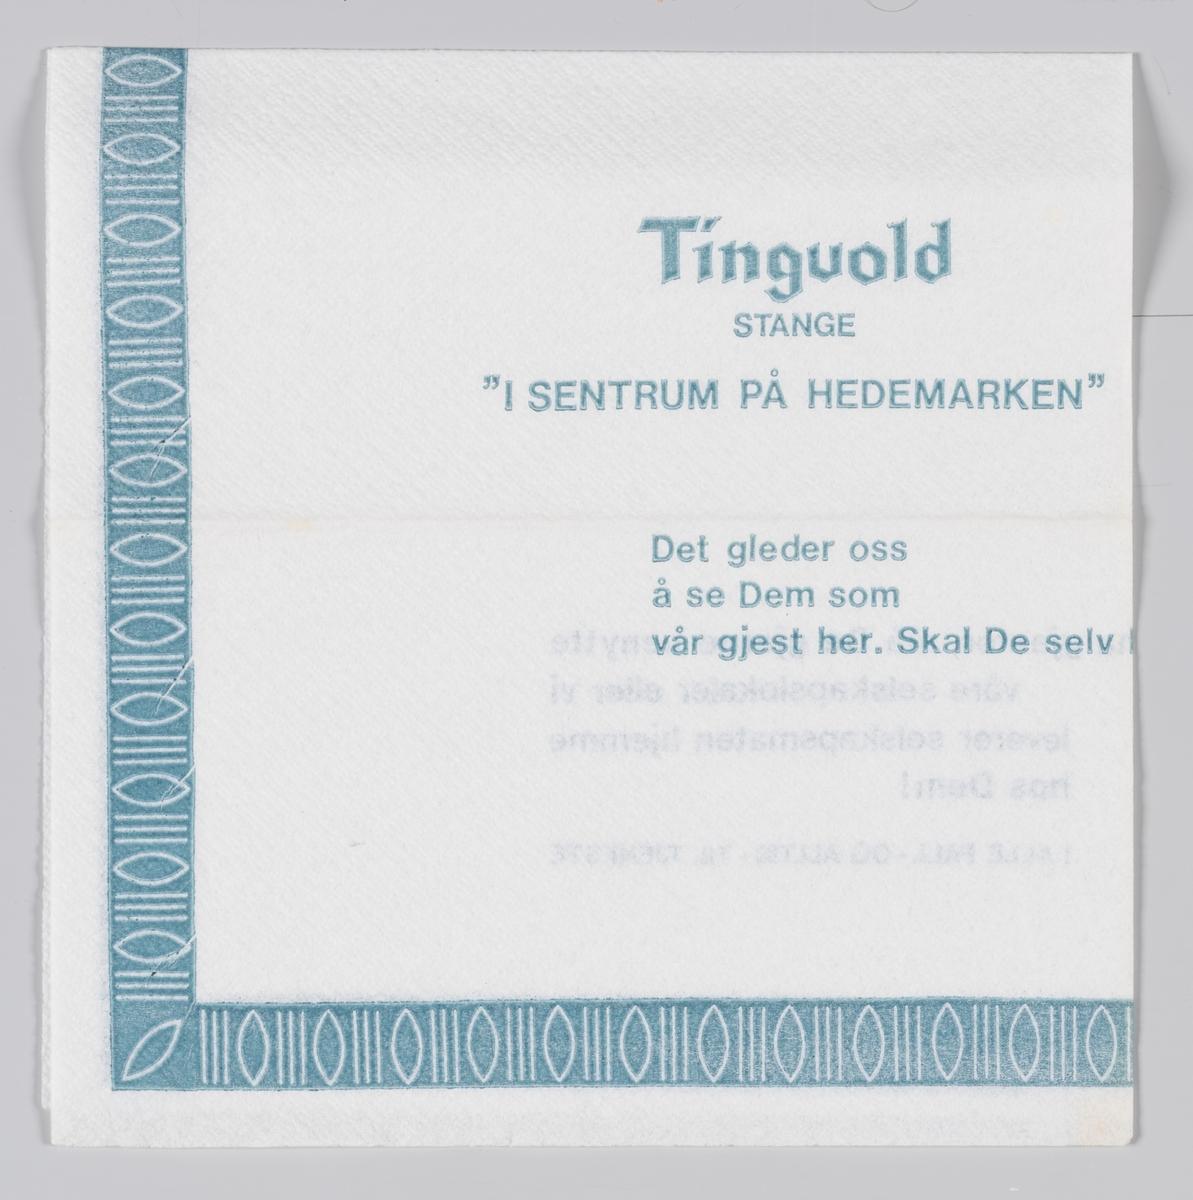 En mønsterbord langs kanten og en reklame for Tingvold restaurant Stange på Hedmarken.